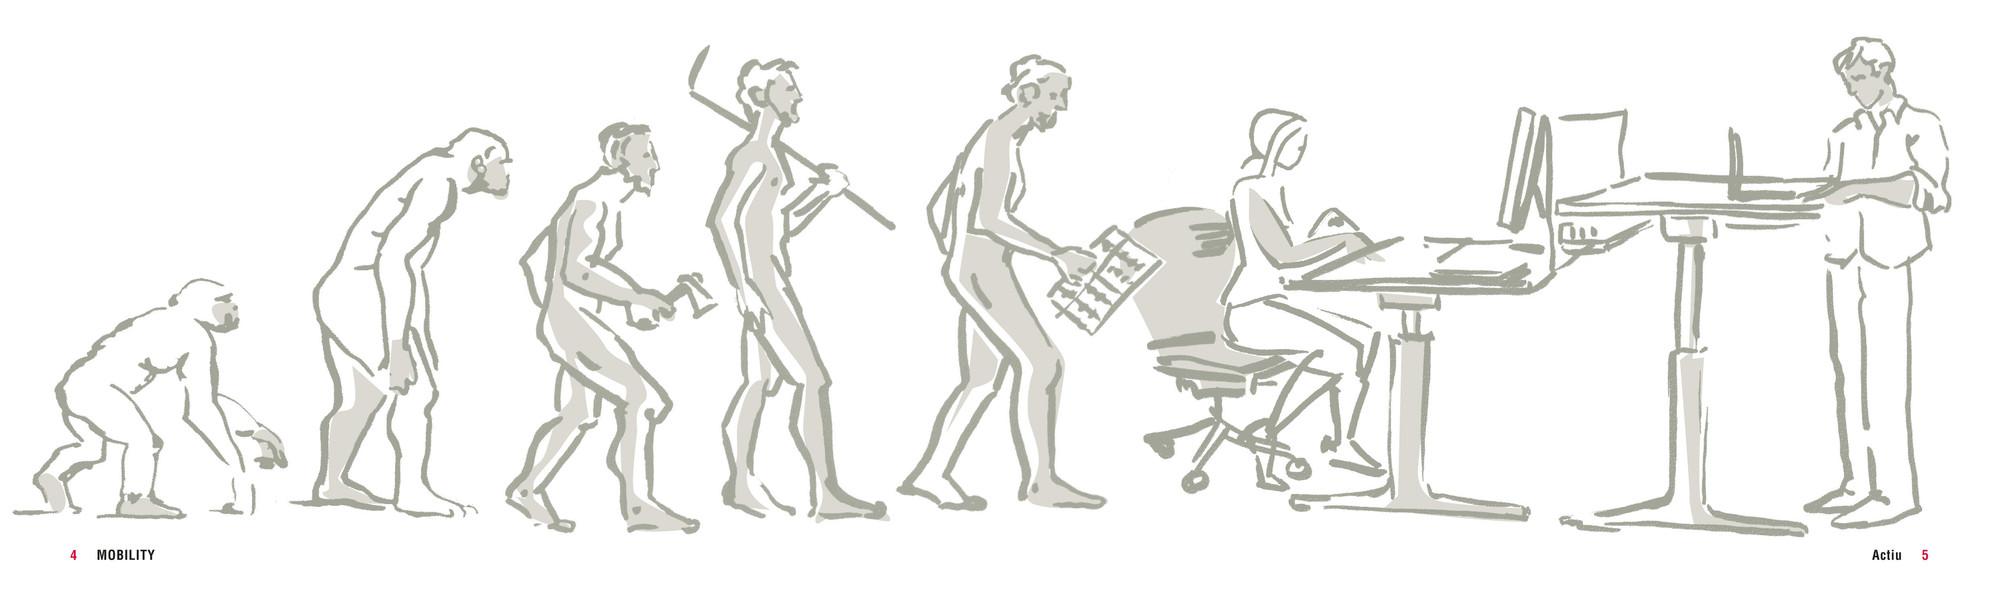 """""""La Evolución del Trabajo"""". Imagen Courtesía de Actiu"""